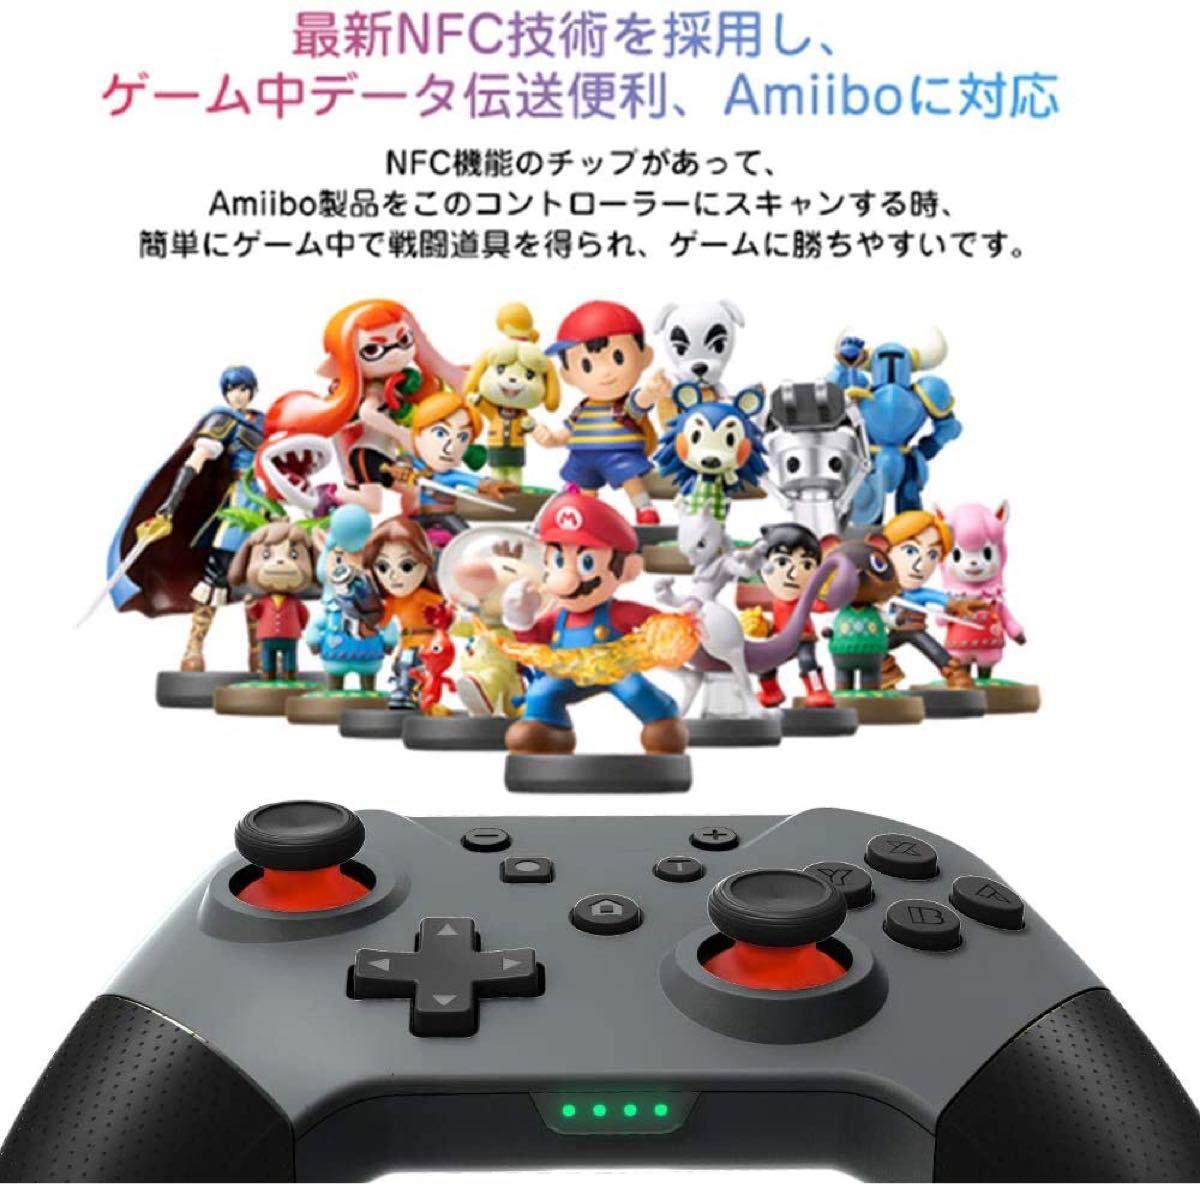 Switch Pro コントローラー Chayoo スイッチ プロコン 無線